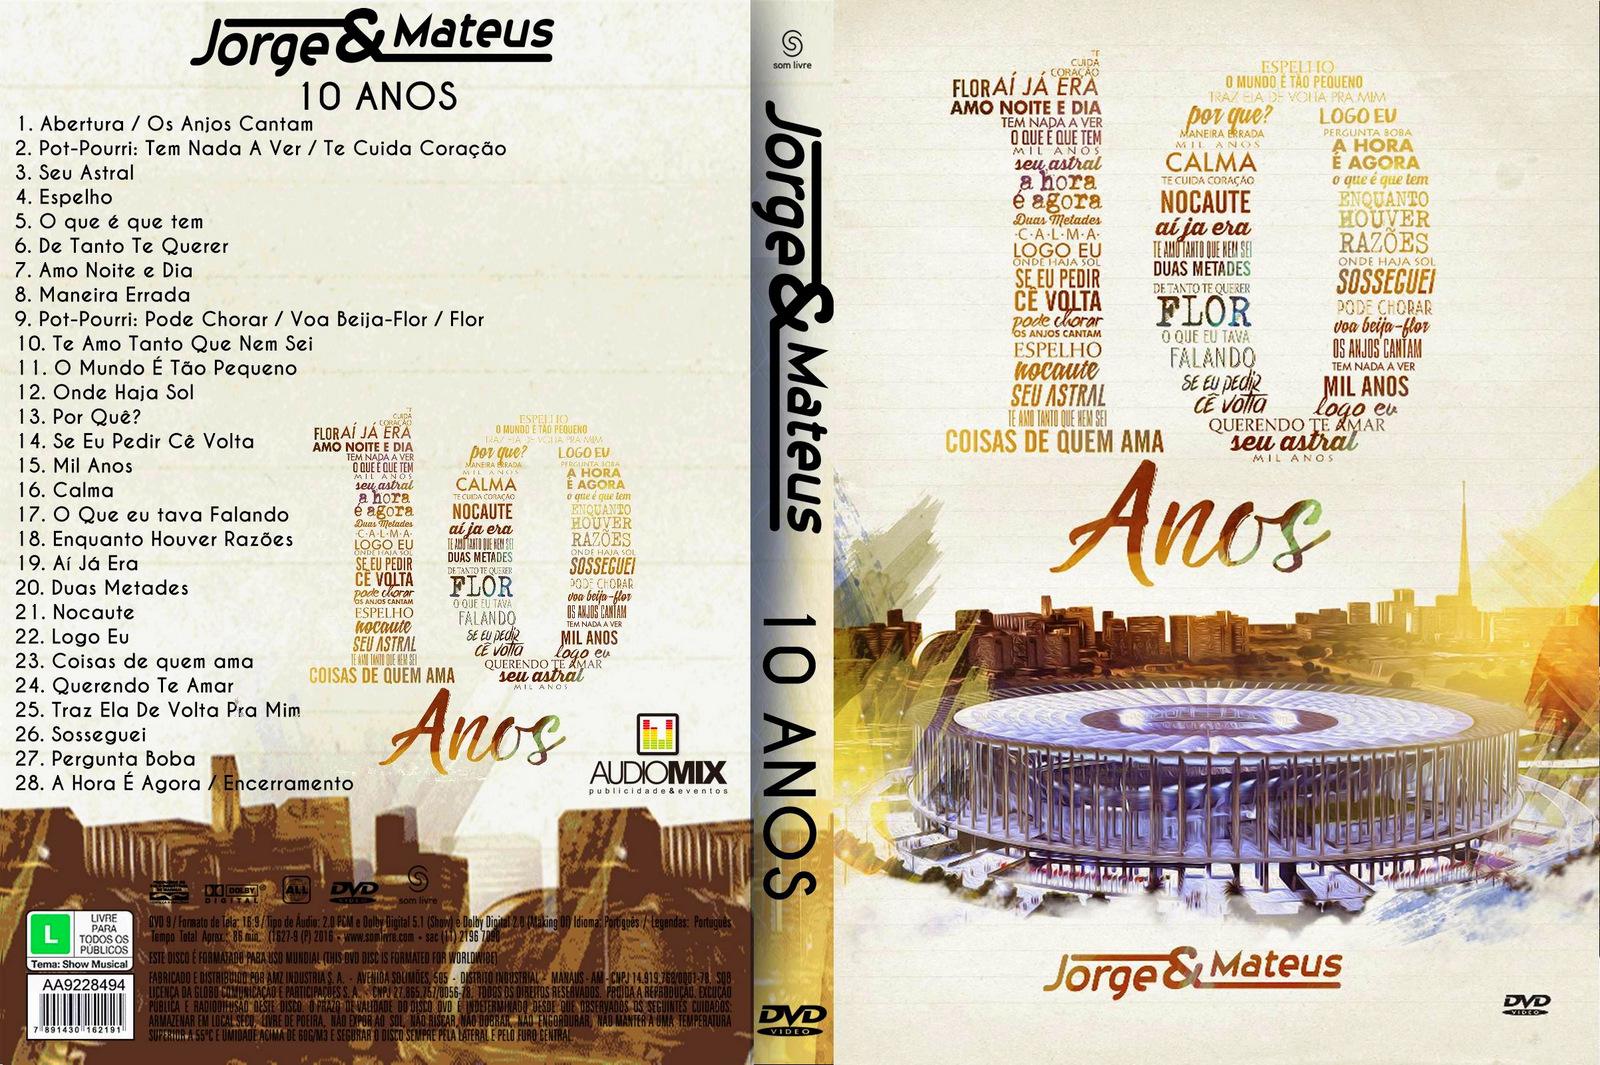 Download Jorge & Mateus 10 Anos Ao Vivo em Brasília DVD-R Download Jorge & Mateus 10 Anos Ao Vivo em Brasília DVD-R Jorge 2B 2526 2BMateus 2B  2B10 2BAnos 2BAo 2BVivo 2BXANDAODOWNLOAD